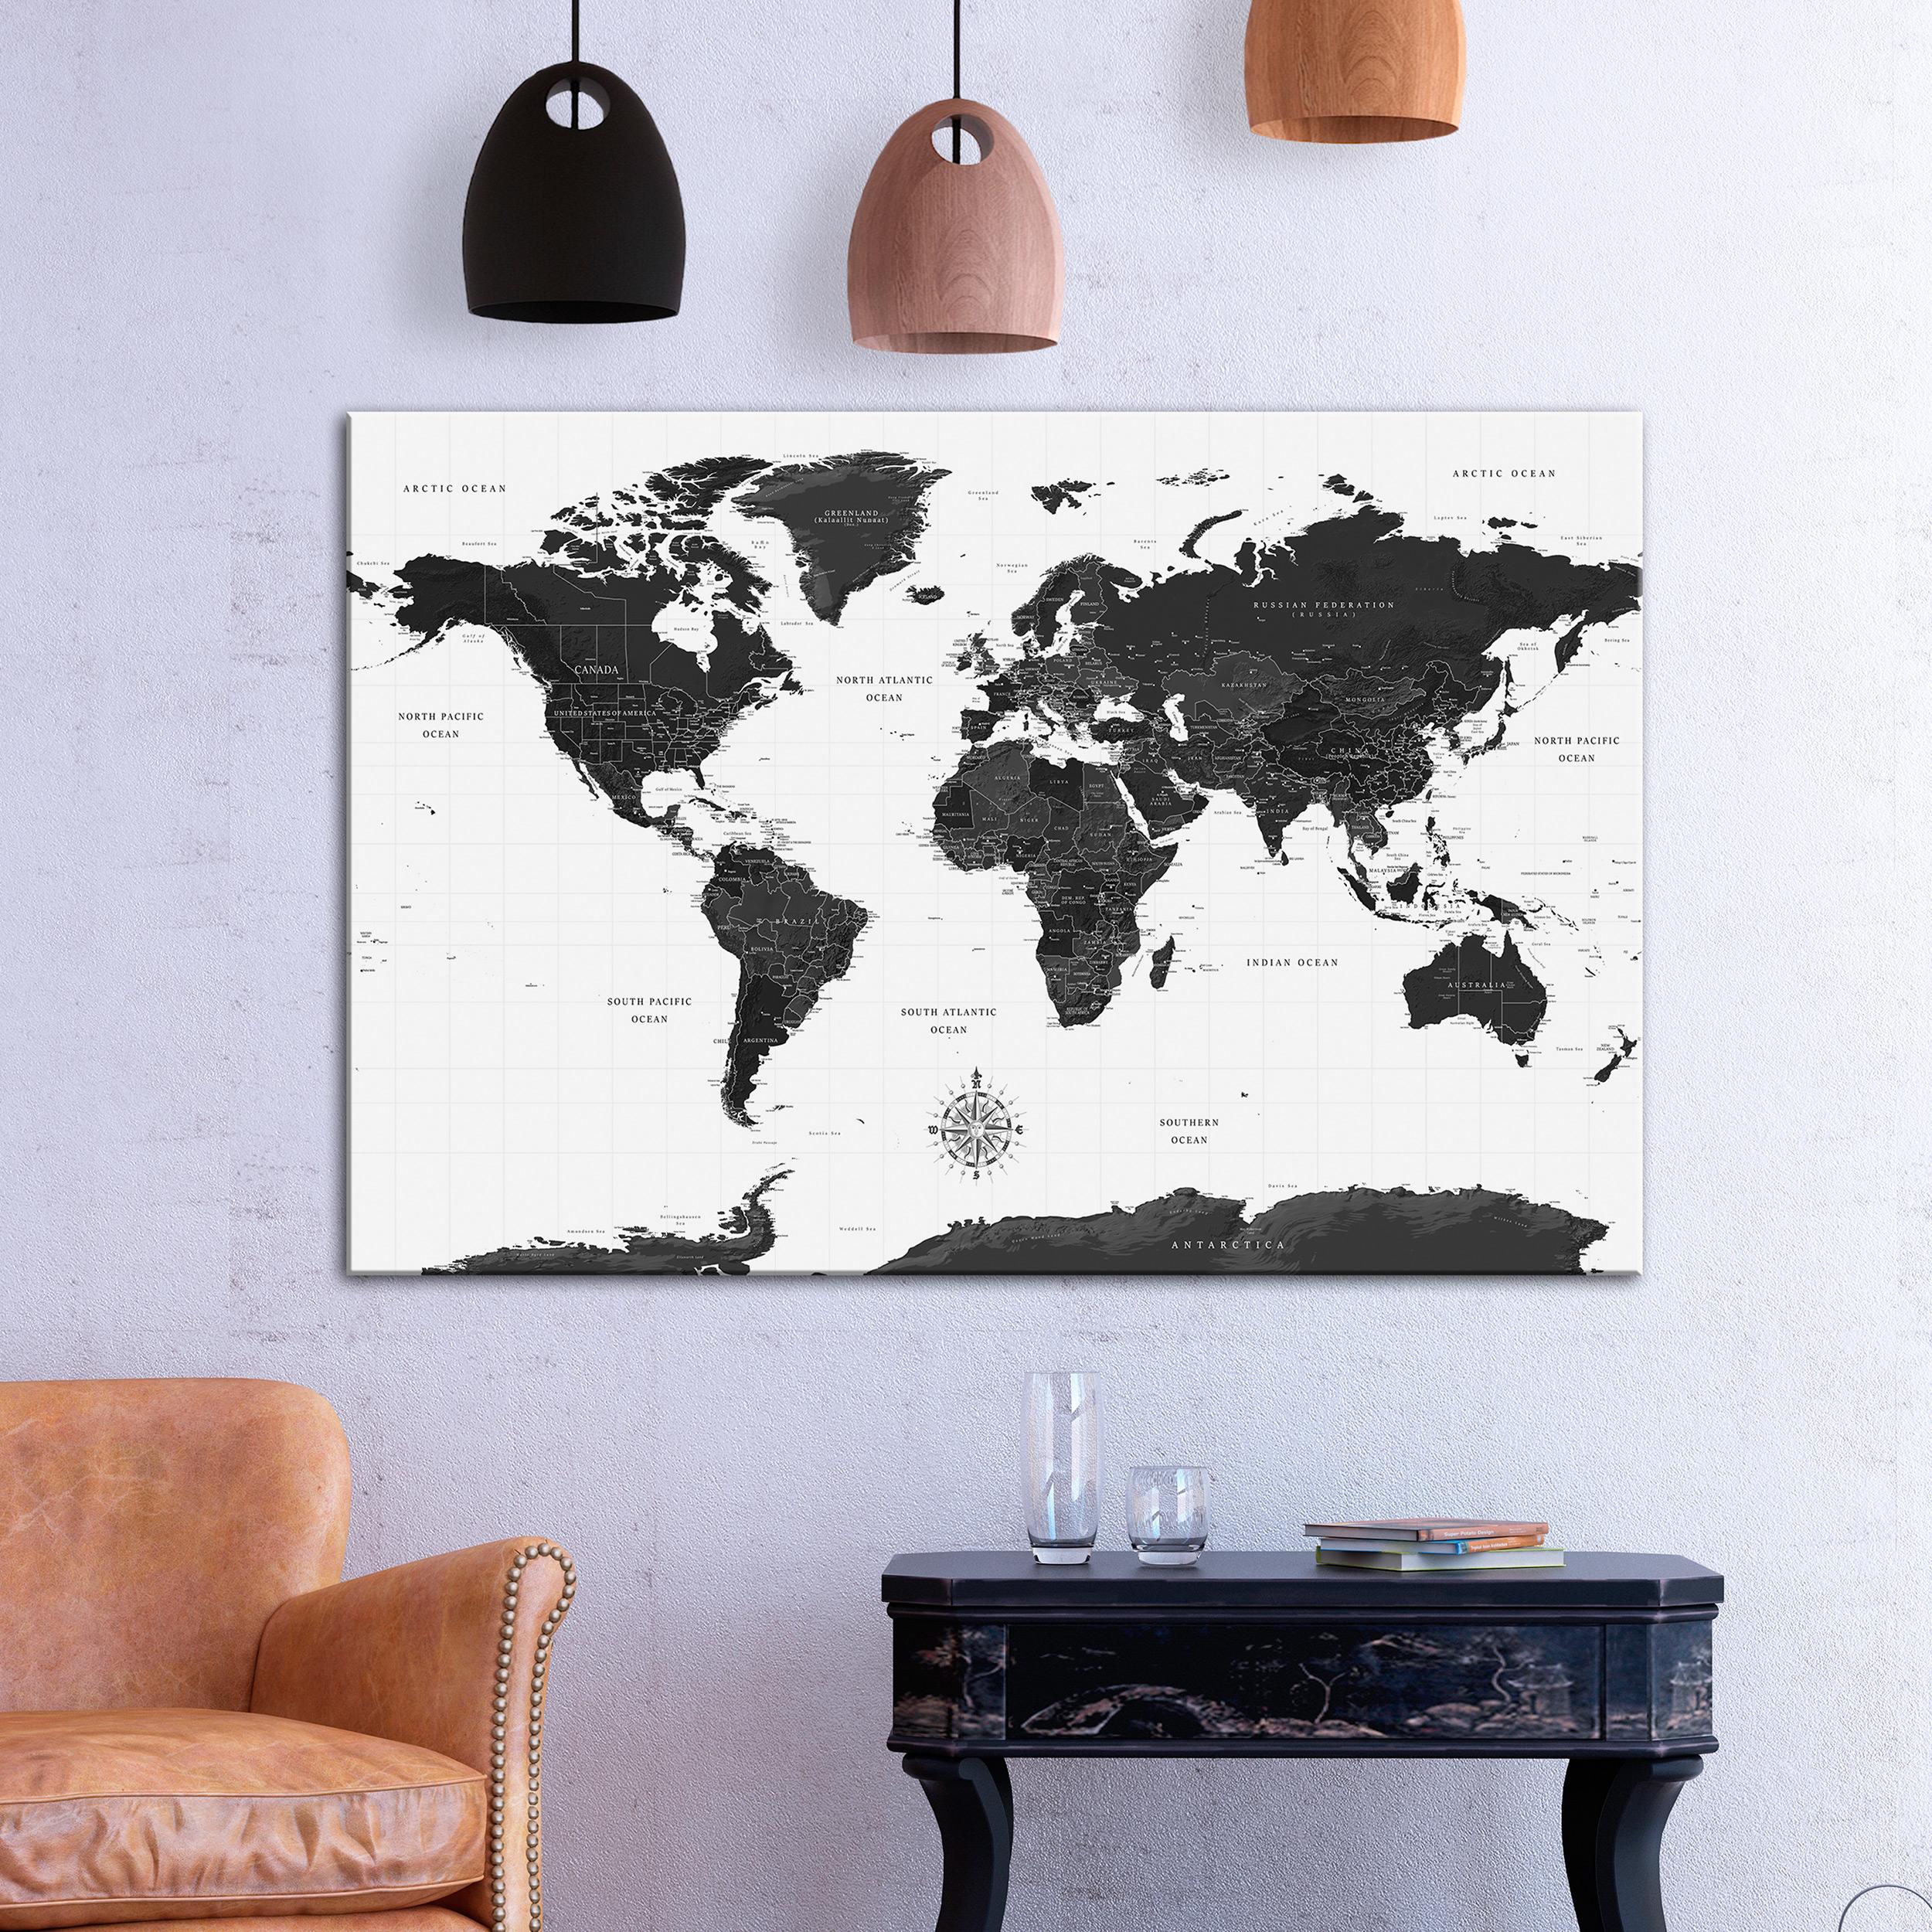 leinwand bilder weltkarte kontinente map kunstdruck wandbilder xxl wohnzimmer ebay. Black Bedroom Furniture Sets. Home Design Ideas